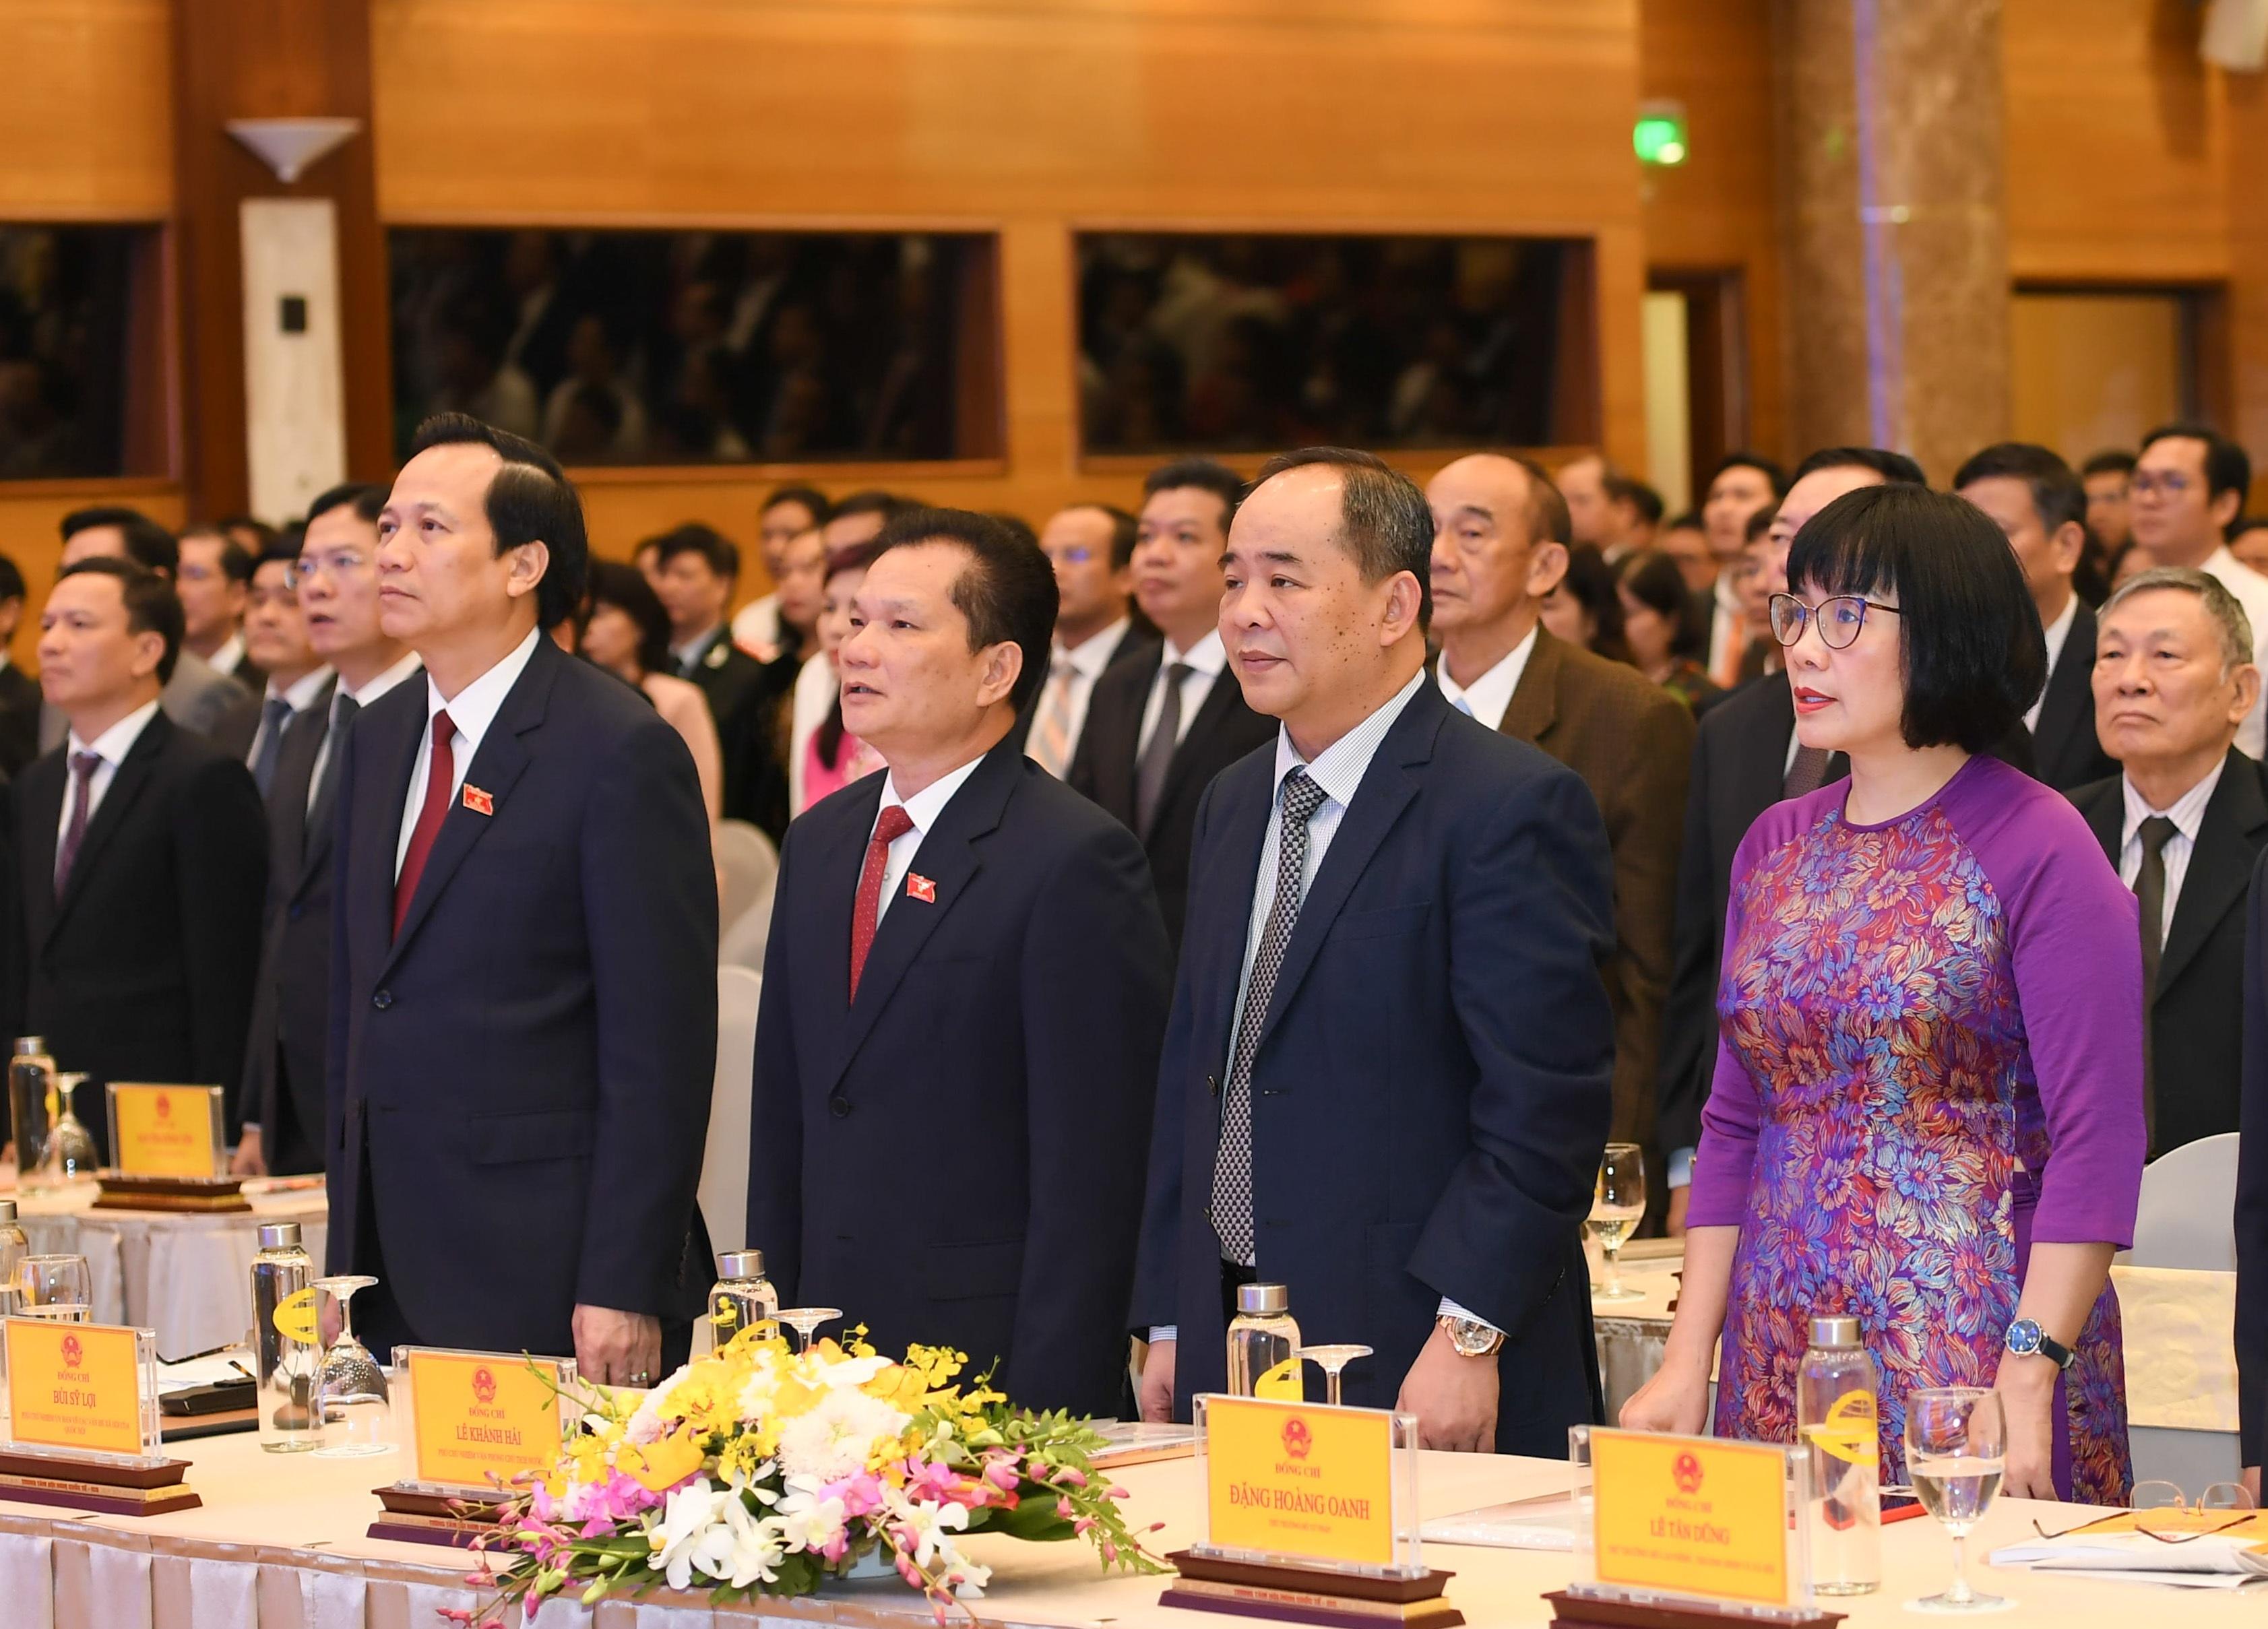 Bộ trưởng Đào Ngọc Dung: Chỉ tiêu niềm tin về an sinh xã hội tăng cao - 1